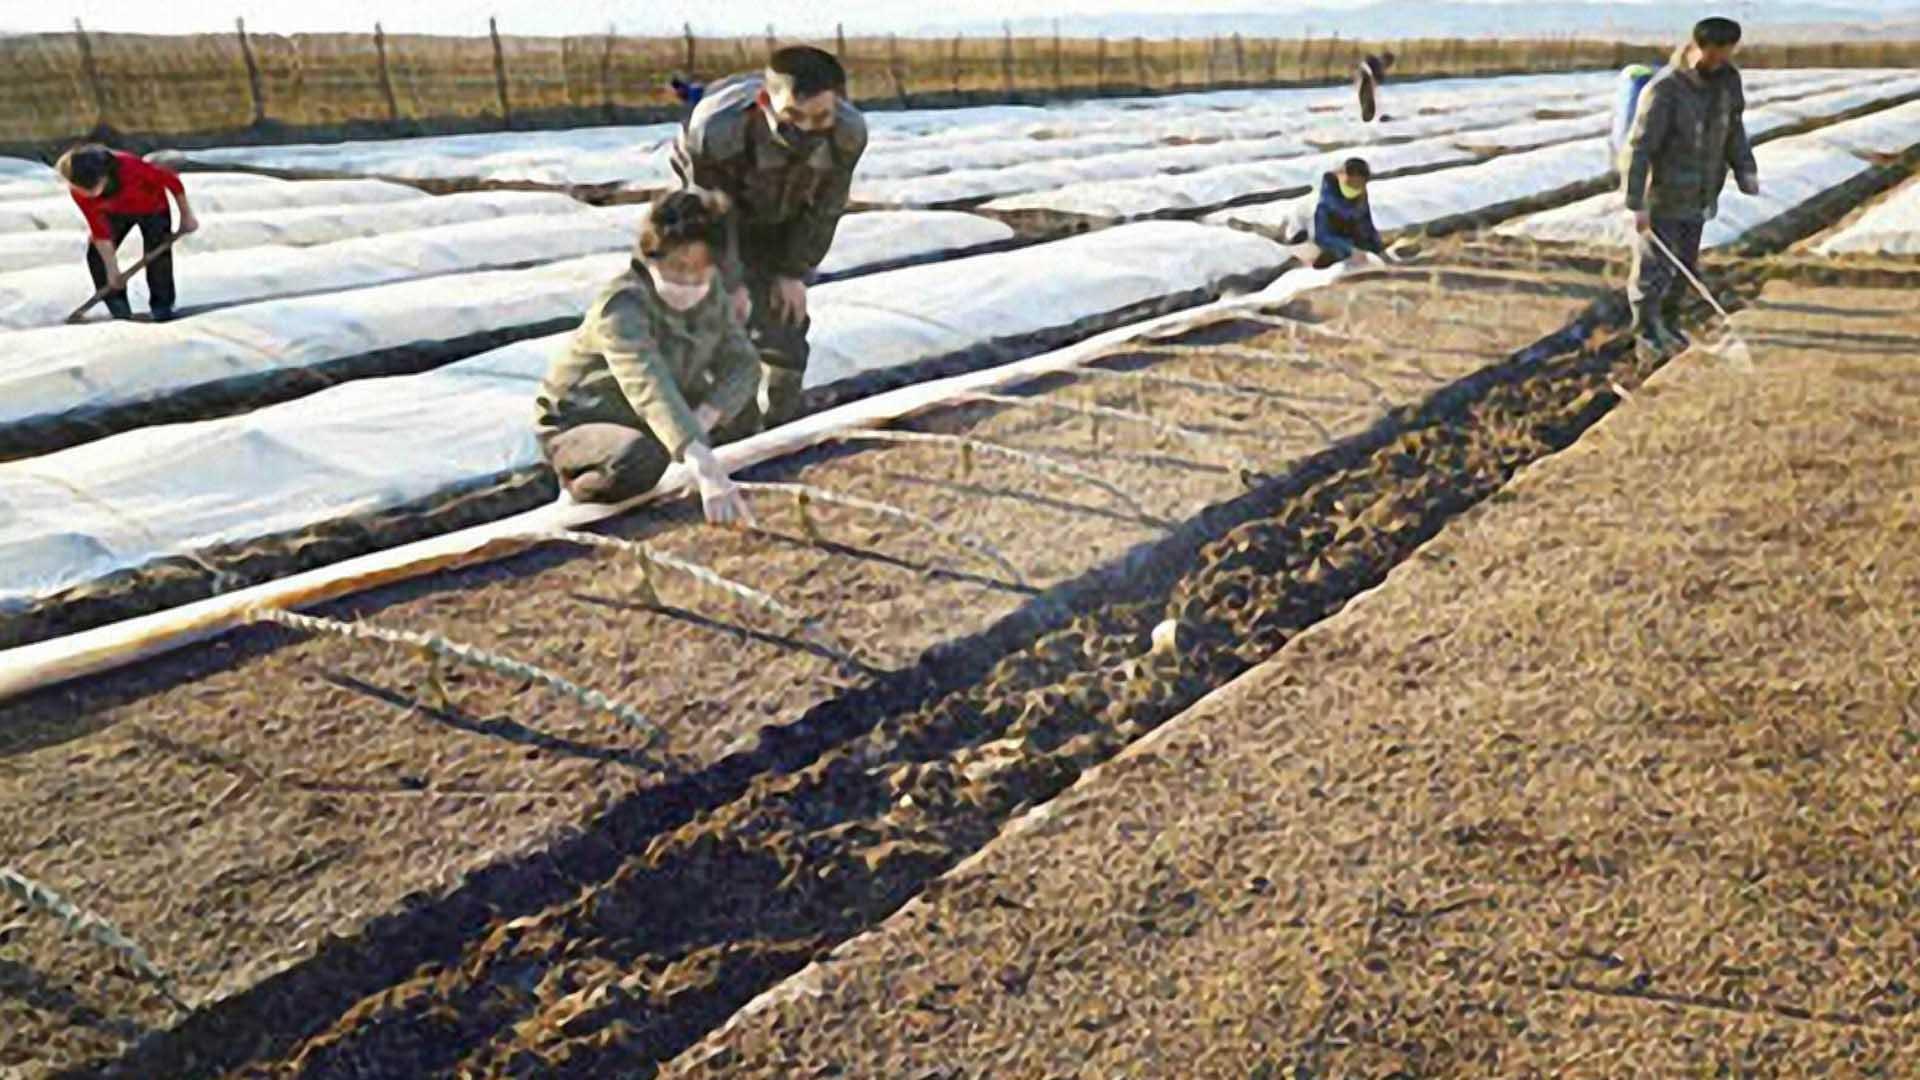 봄 농사철 맞이한 北…코로나에 식량난 심화 가능성